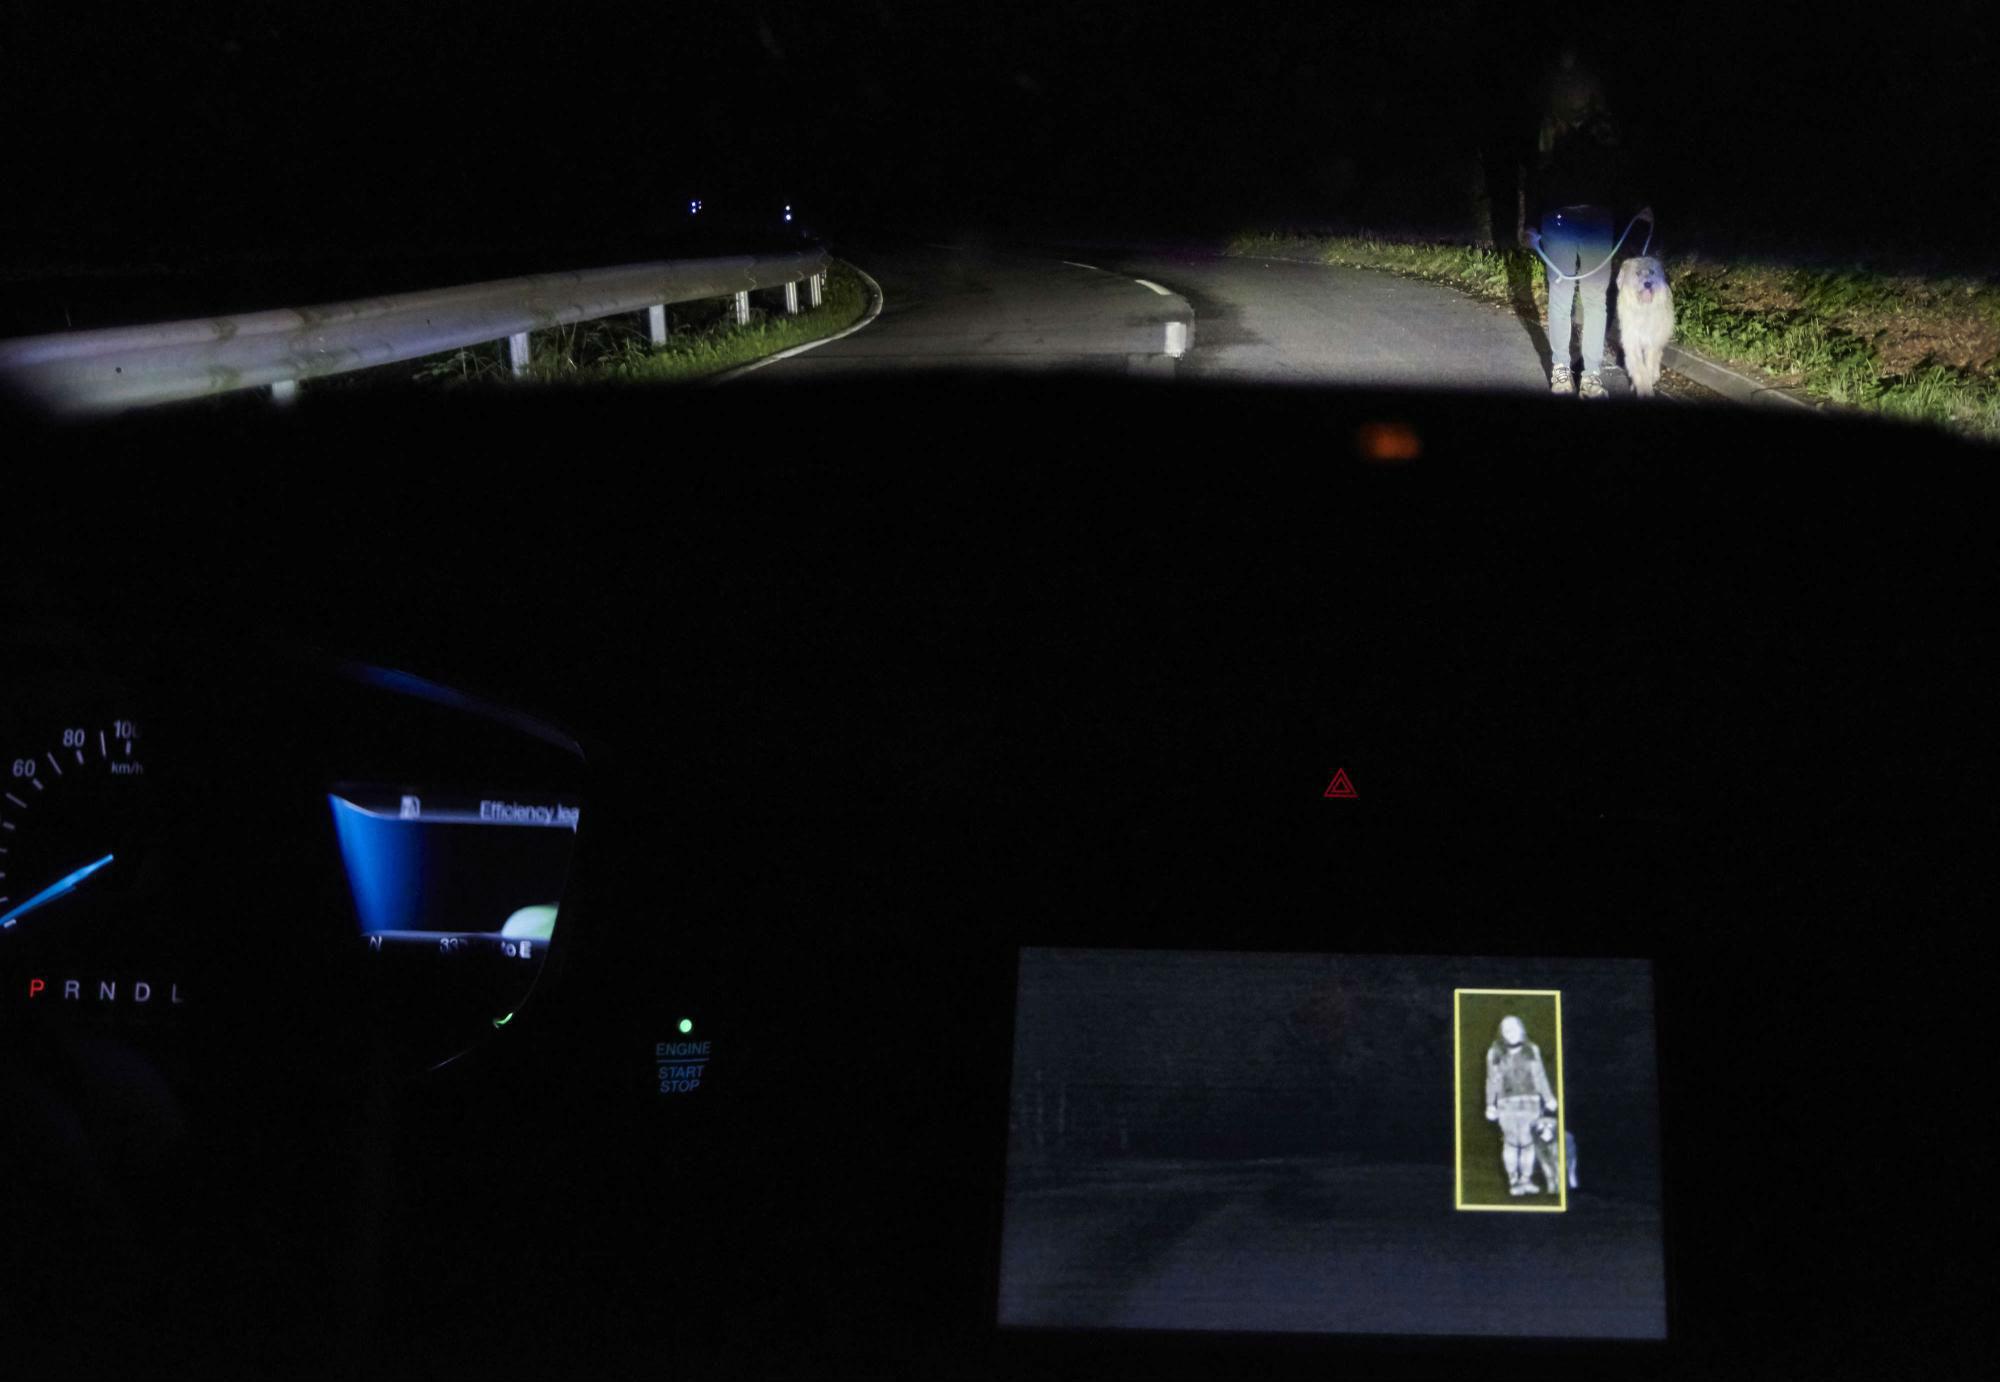 Ford iluminacion 2